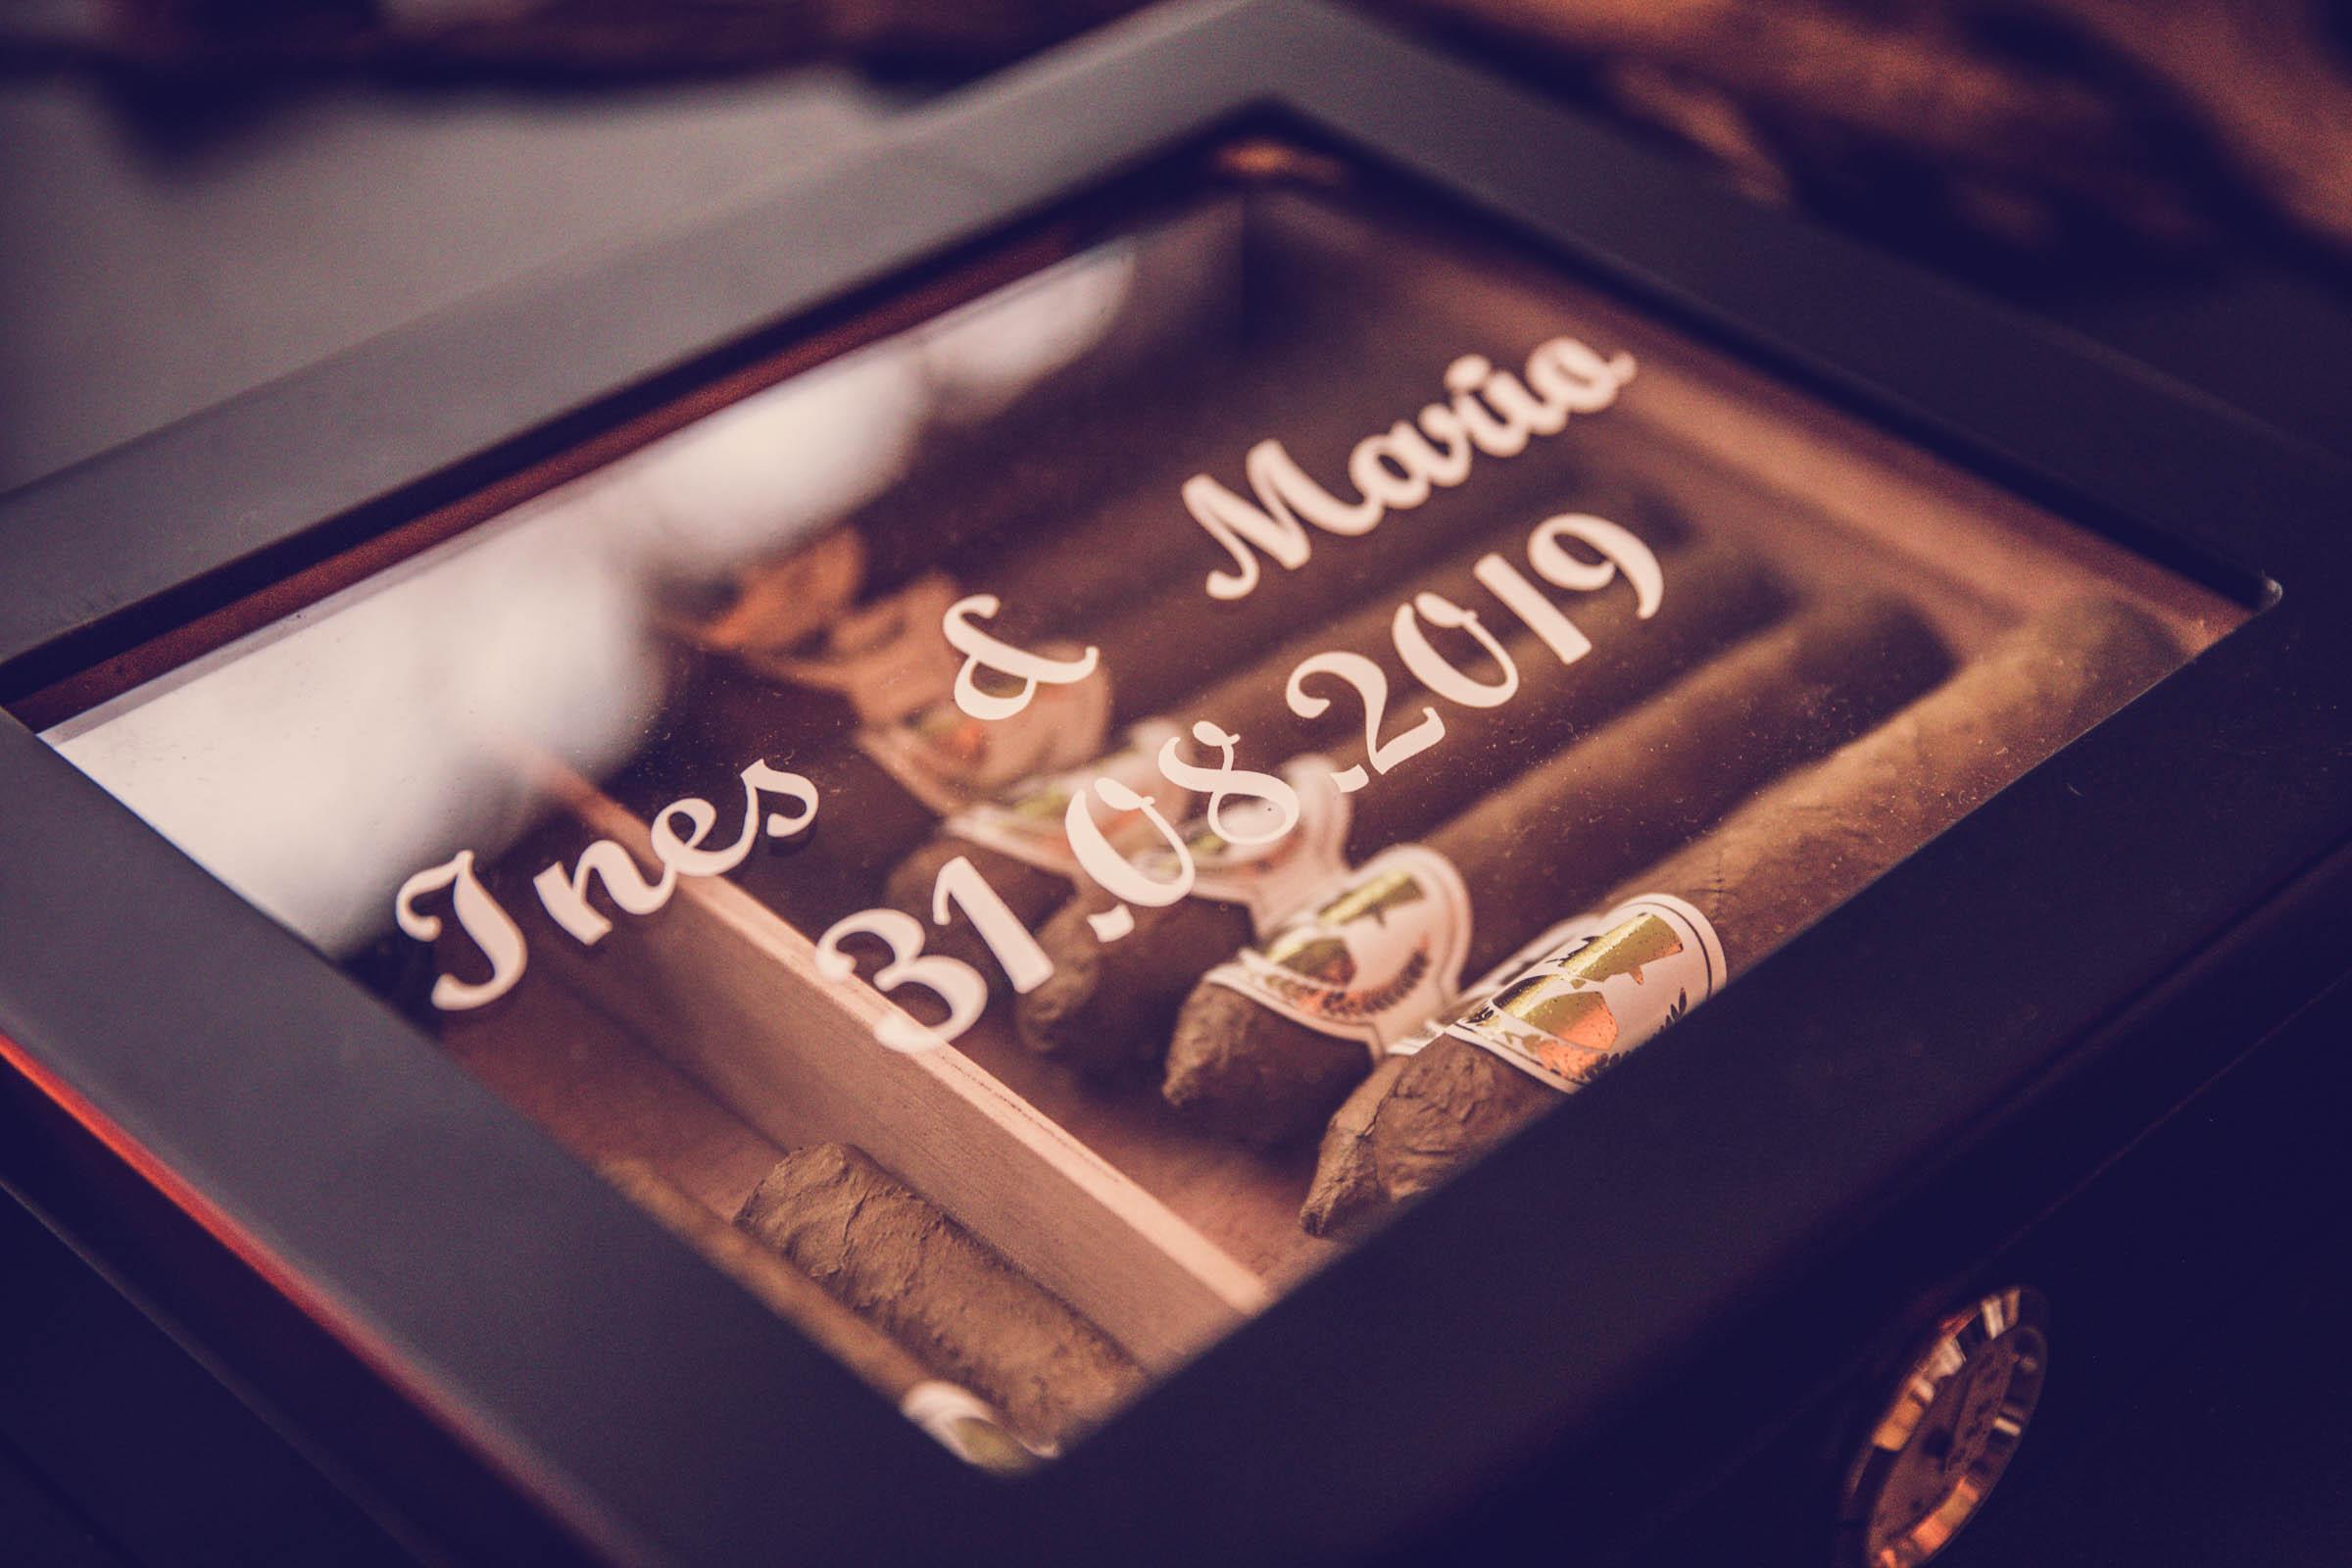 Zigarrenroller |Zigarrendreher | Zigarrenbox |Persönlich |Individuell |Angefertigt |Hochzeit | Messe |Event |Kaufen | Anfragen